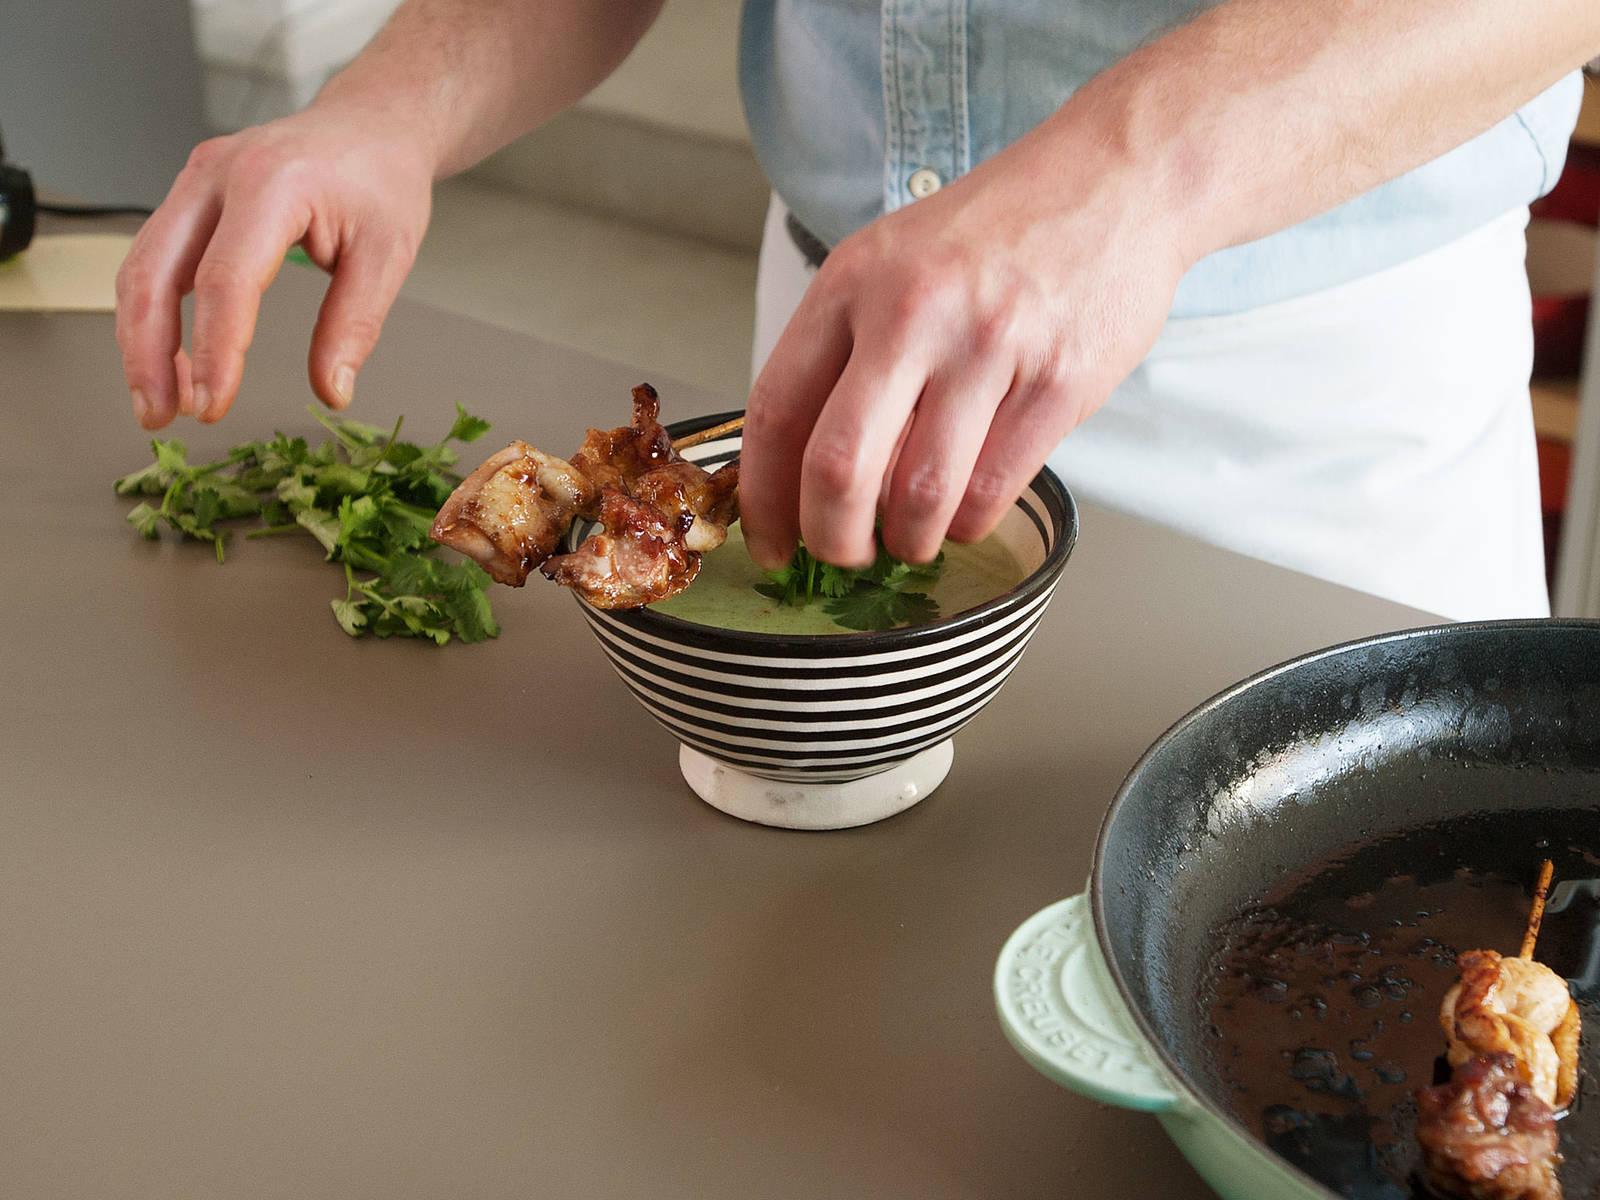 将汤倒入碗中,饰以鸡肉串、香菜,撒上黑白芝麻。尽情享用吧!